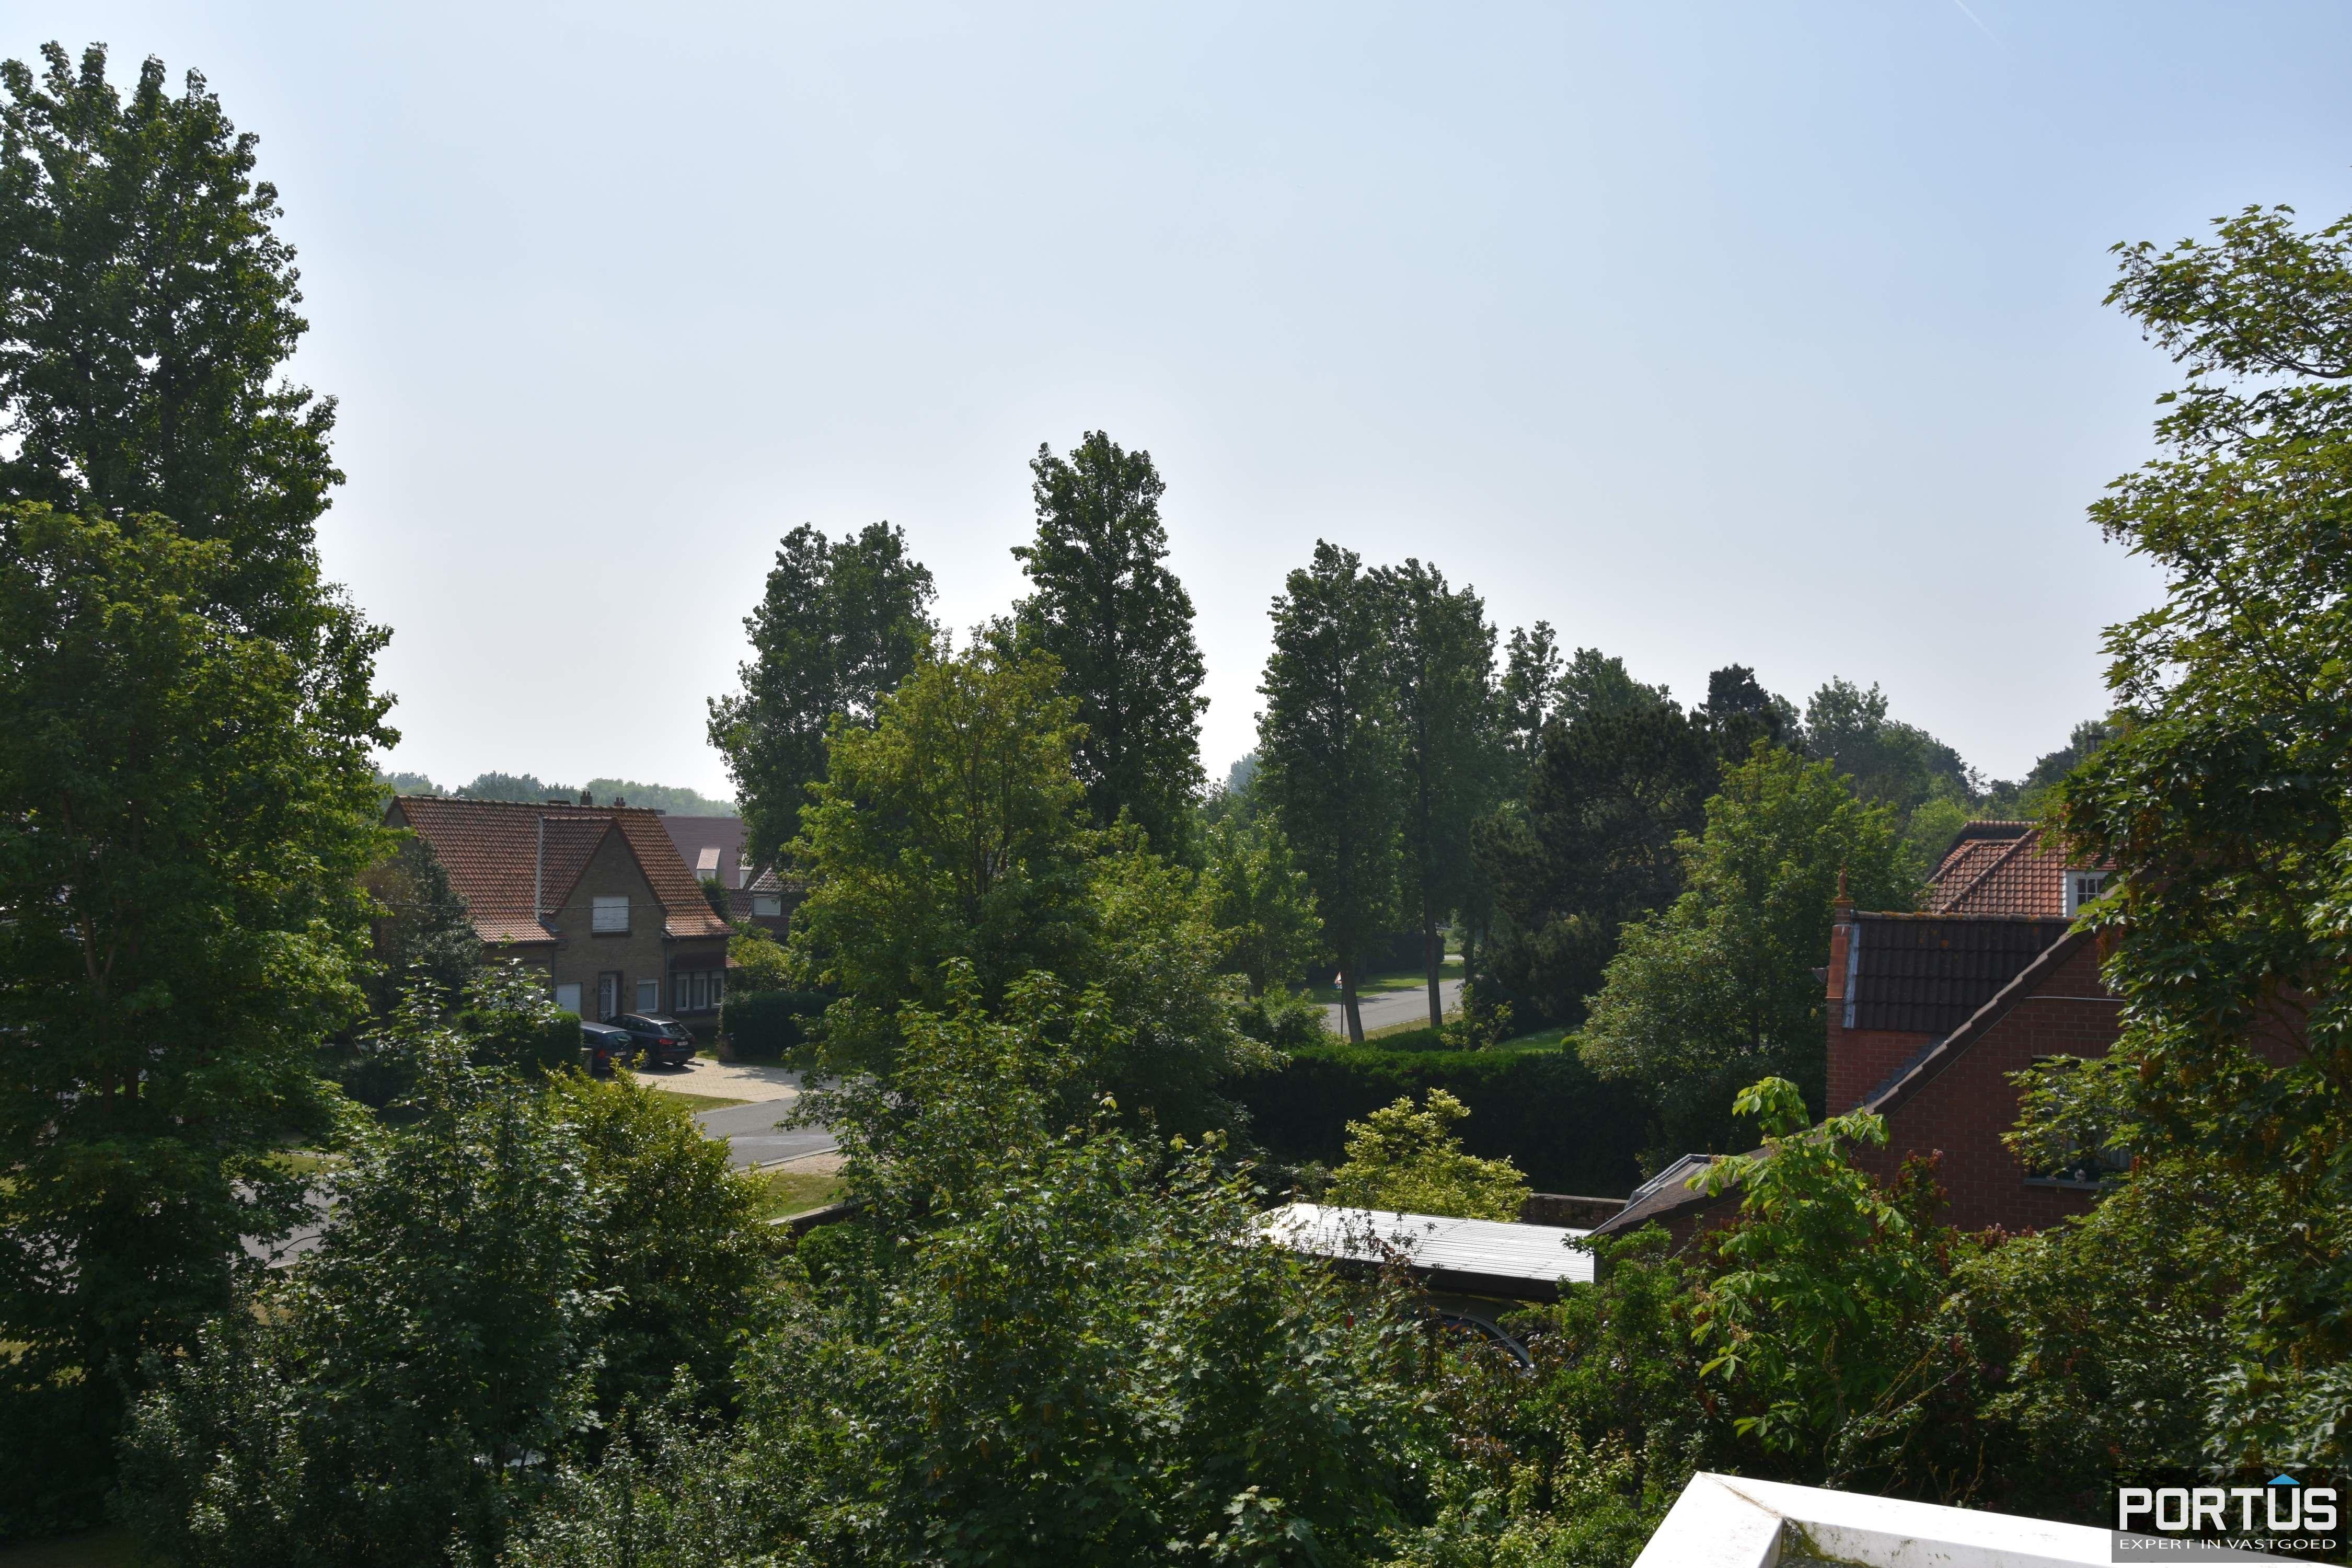 Appartement Residentie Villa Crombez Nieuwpoort - 8358